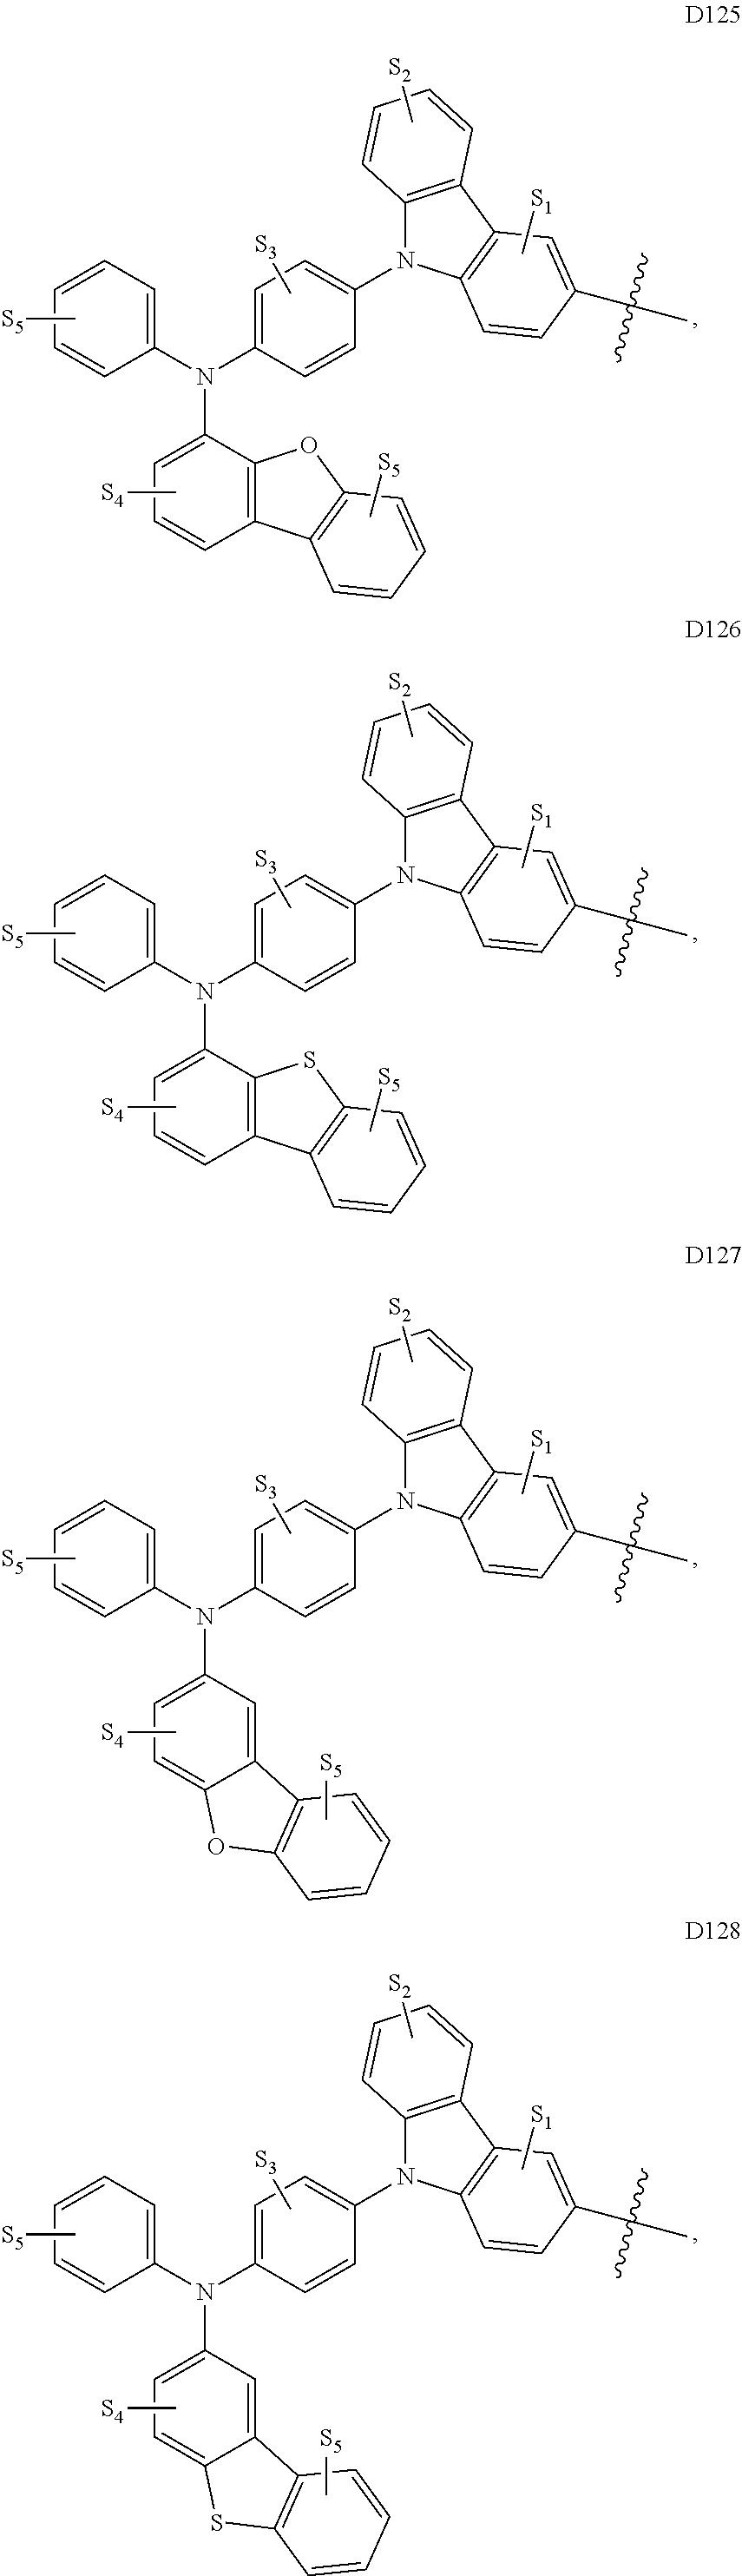 Figure US09324949-20160426-C00417